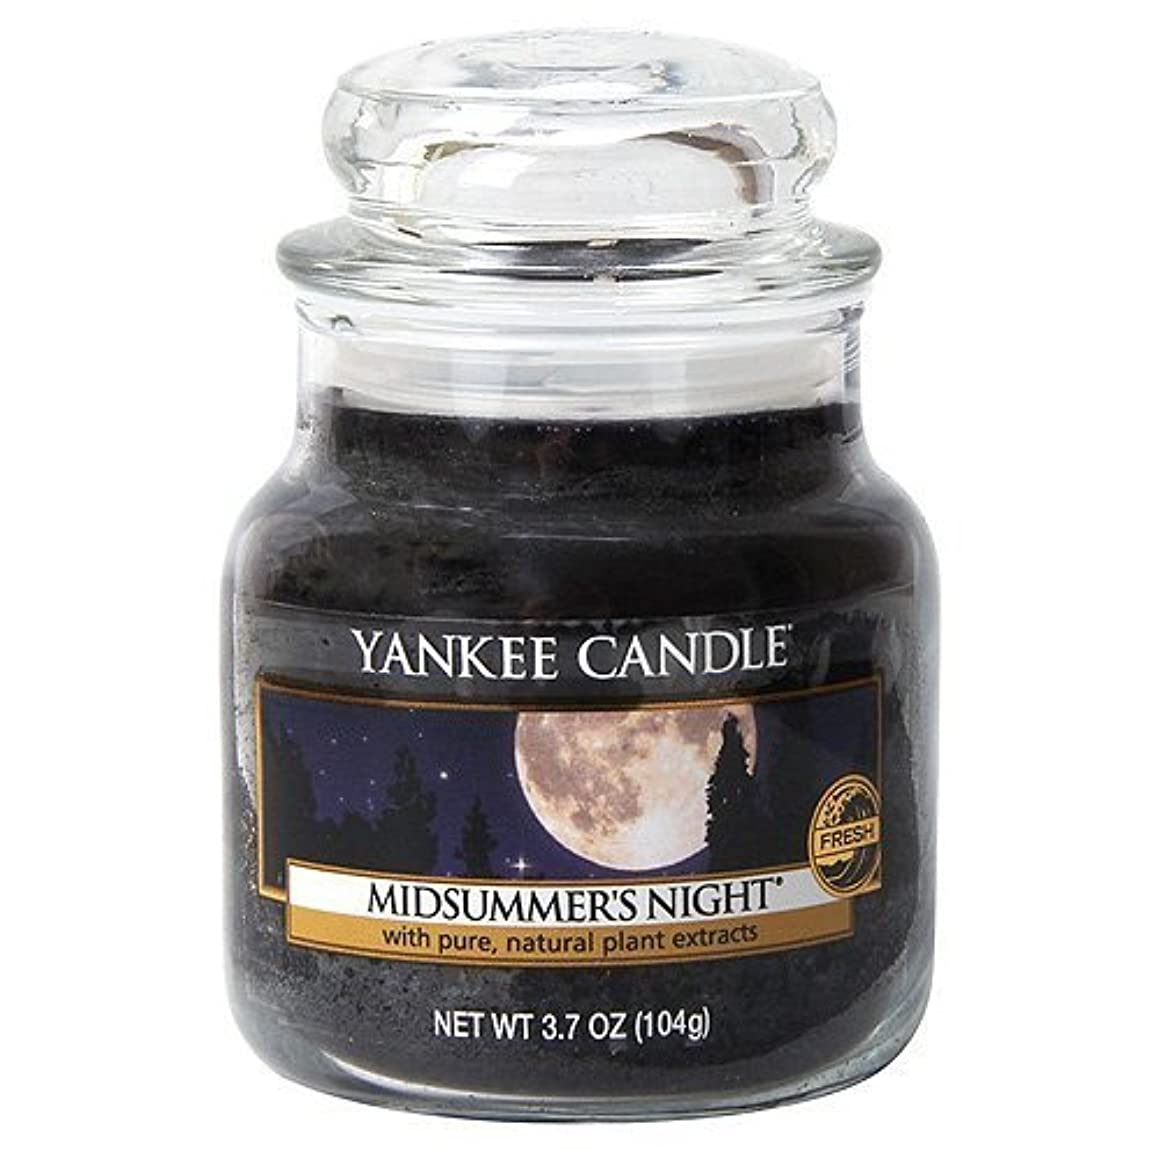 考えるタンザニアモスYankee Candle Midsummer's Night Small Jar Candle, Fresh Scent by Yankee Candle [並行輸入品]